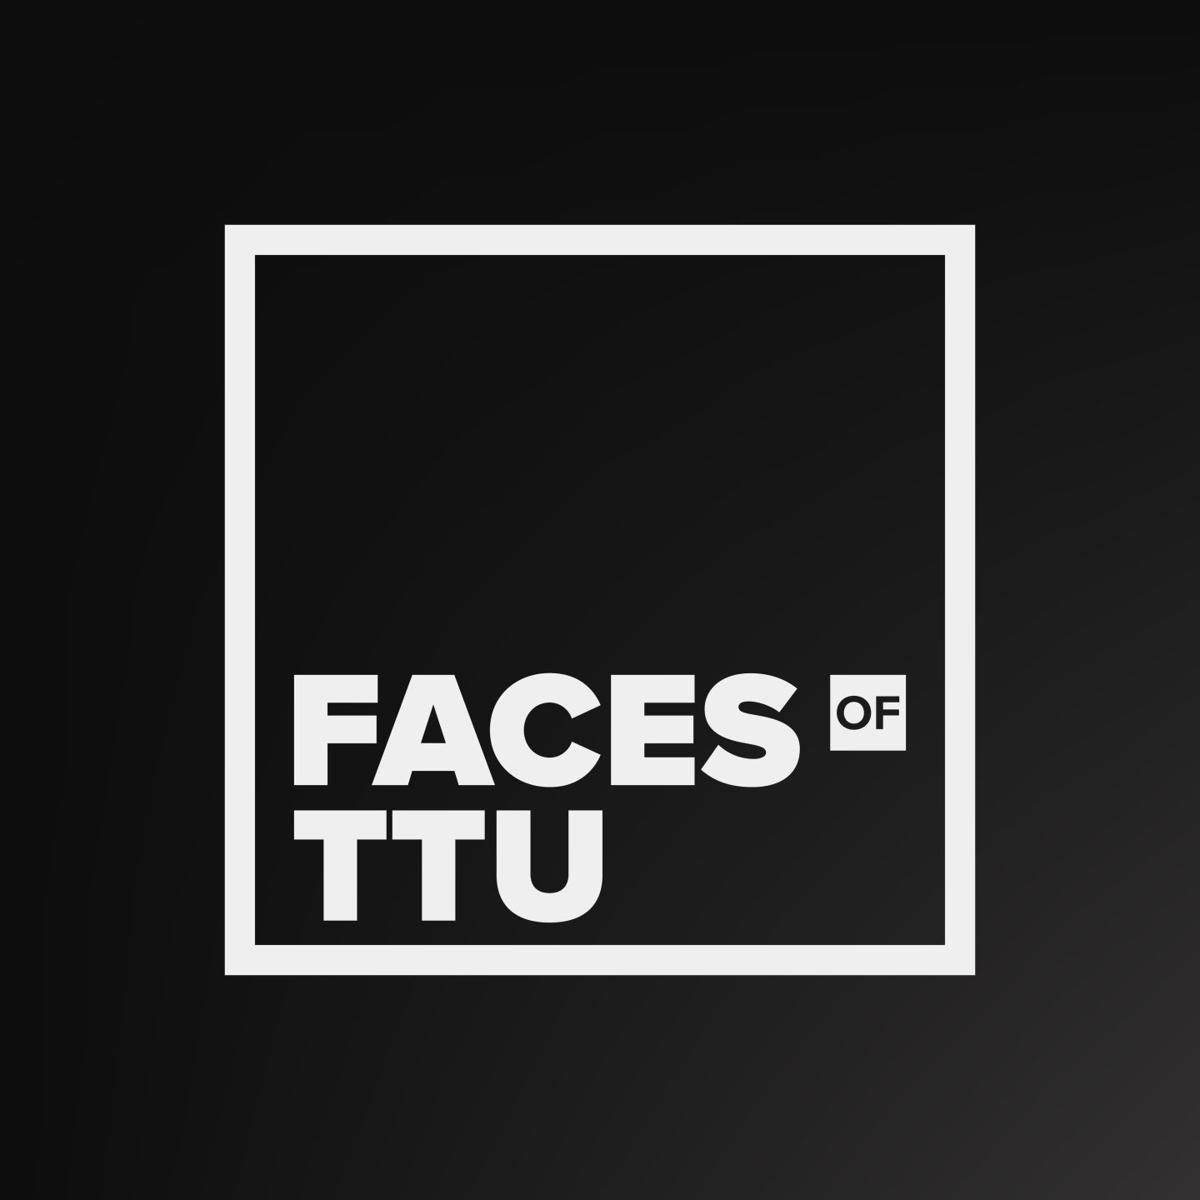 #FacesOfTTU